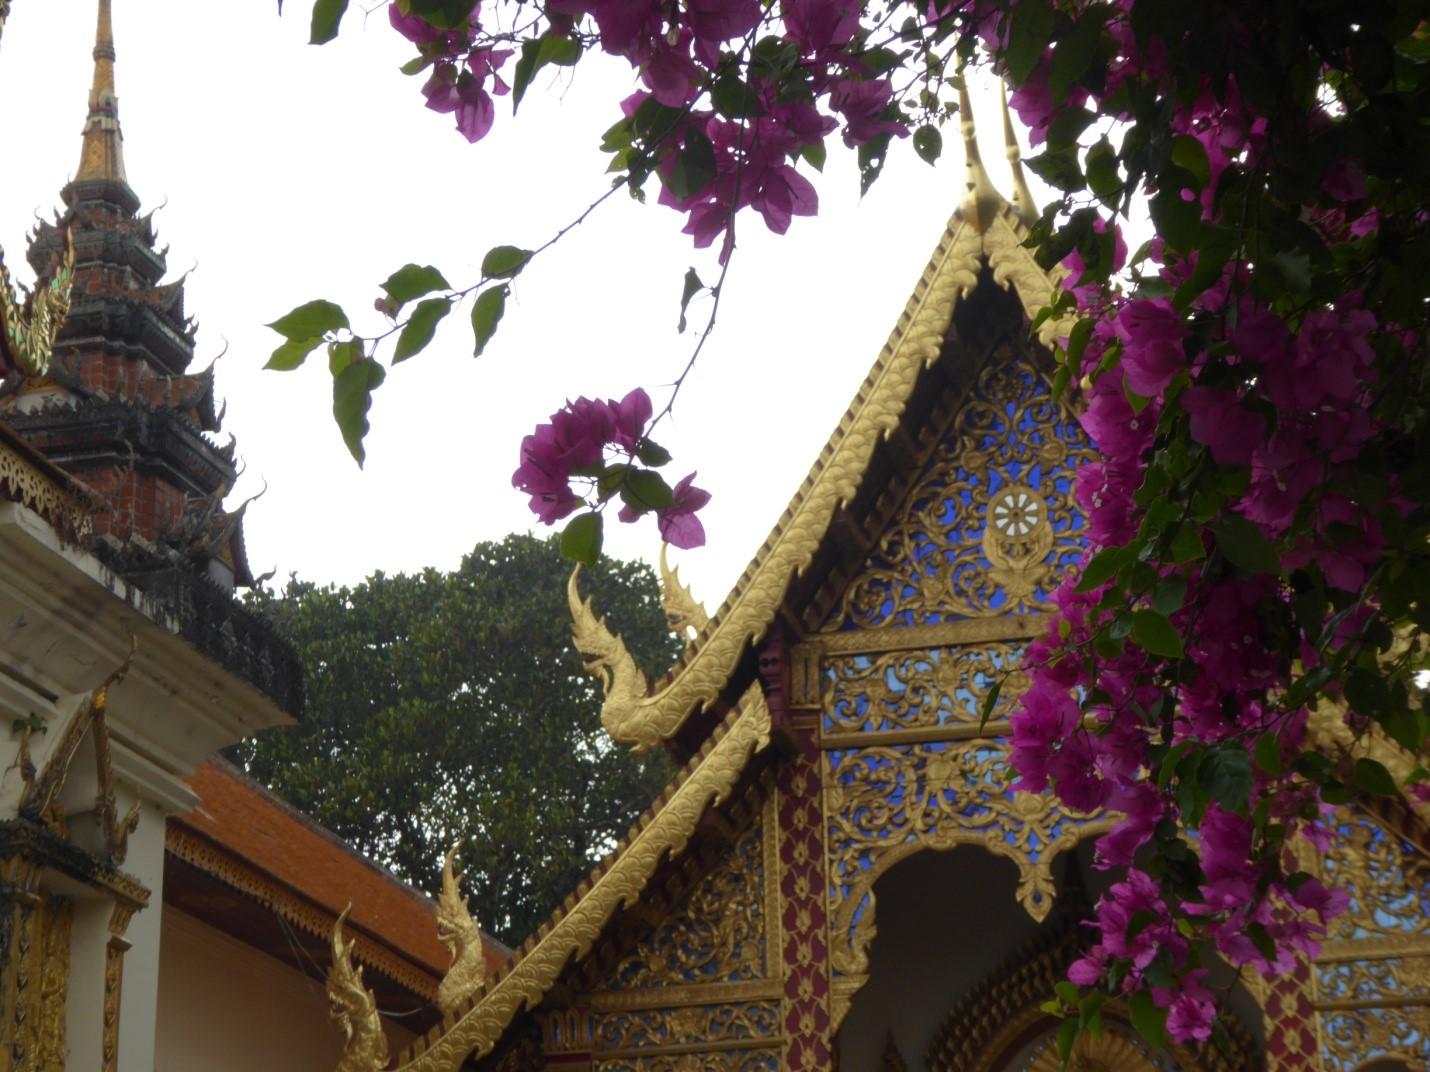 Pic5-雙龍寺建於素貼山山頂,寺院內奇花異草伴著亭台樓閣,色彩斑斕.jpg